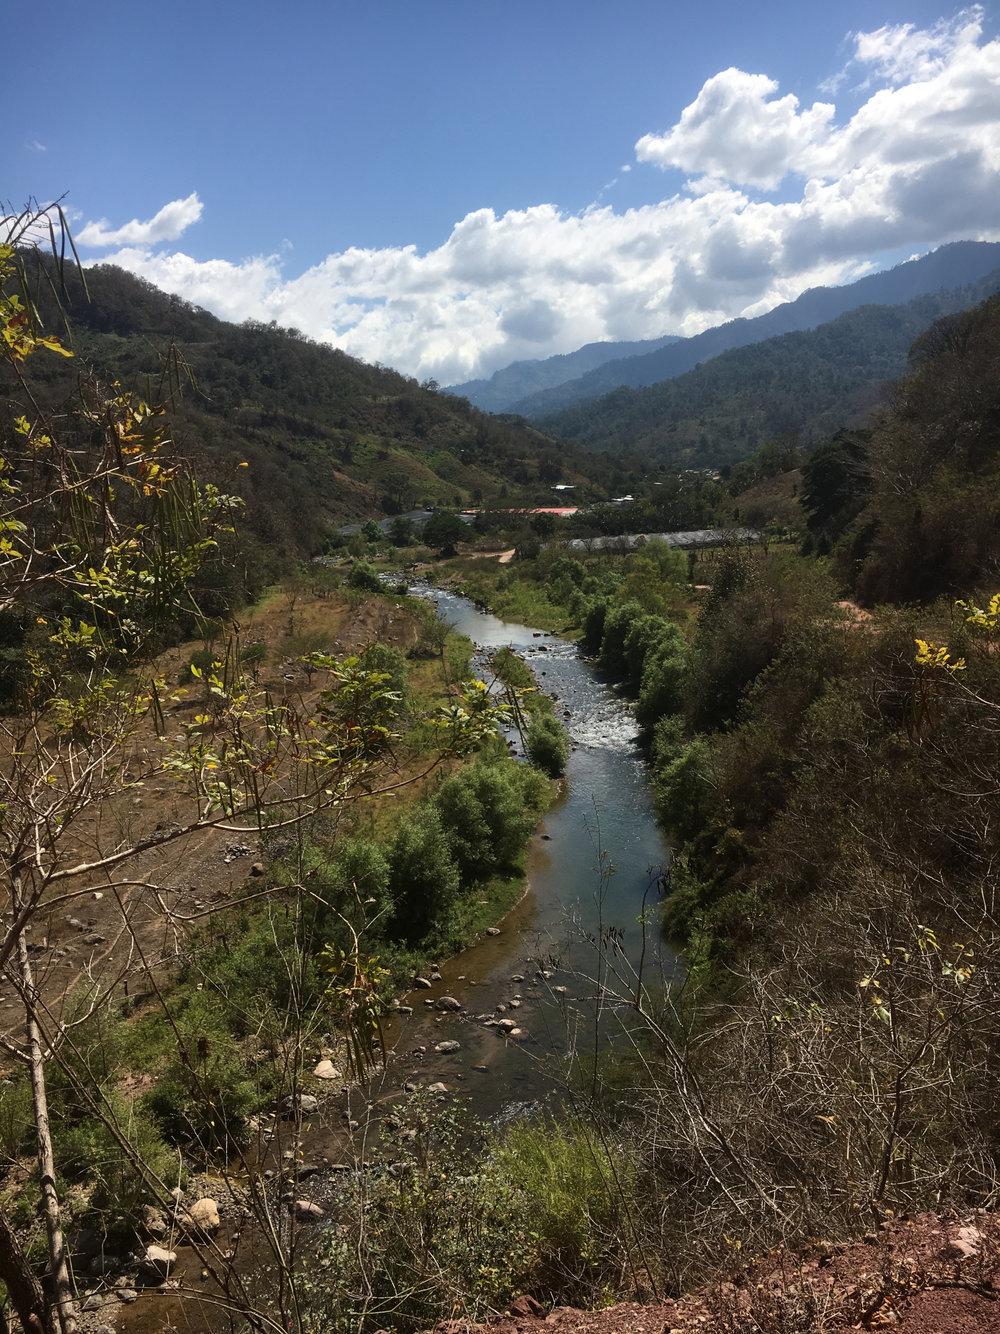 Aunque hermosas, las montañas de la Sierra Madre de Chiapas representan serios desafíos para el transporte de pacientes y la prestación de servicios médicos de emergencia.